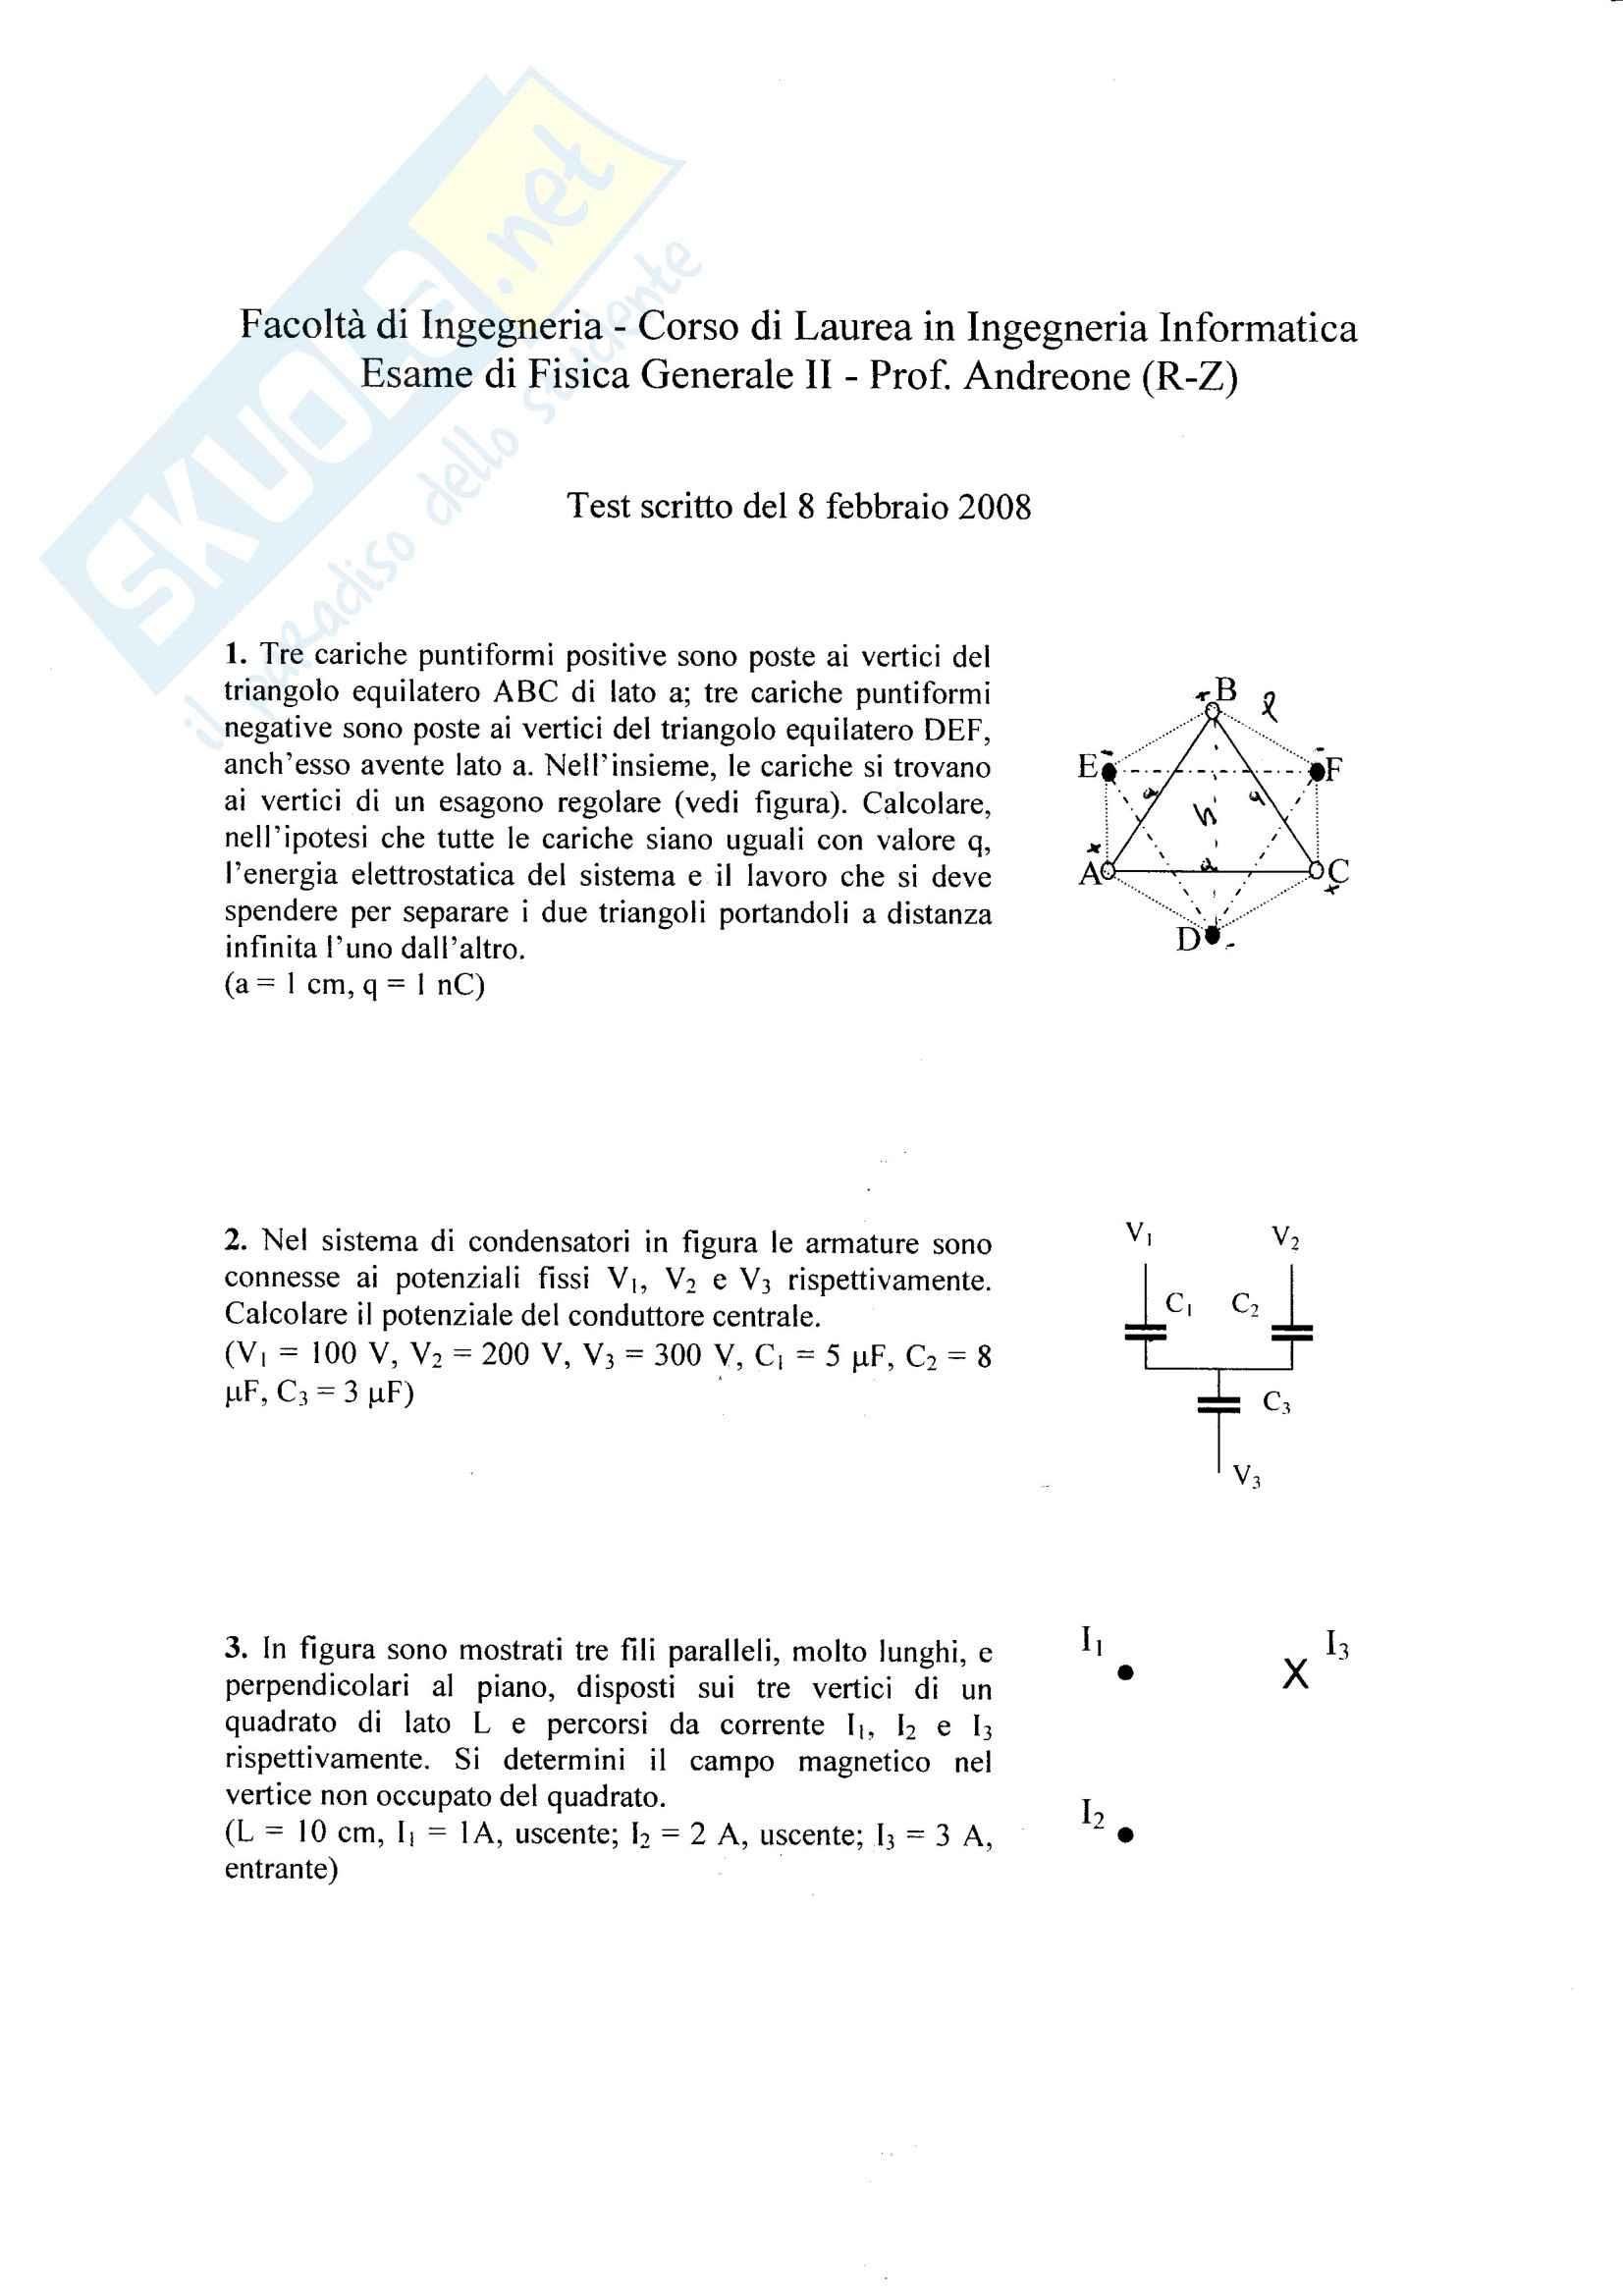 fisica II - Esercitazione - esame 2008 andreone